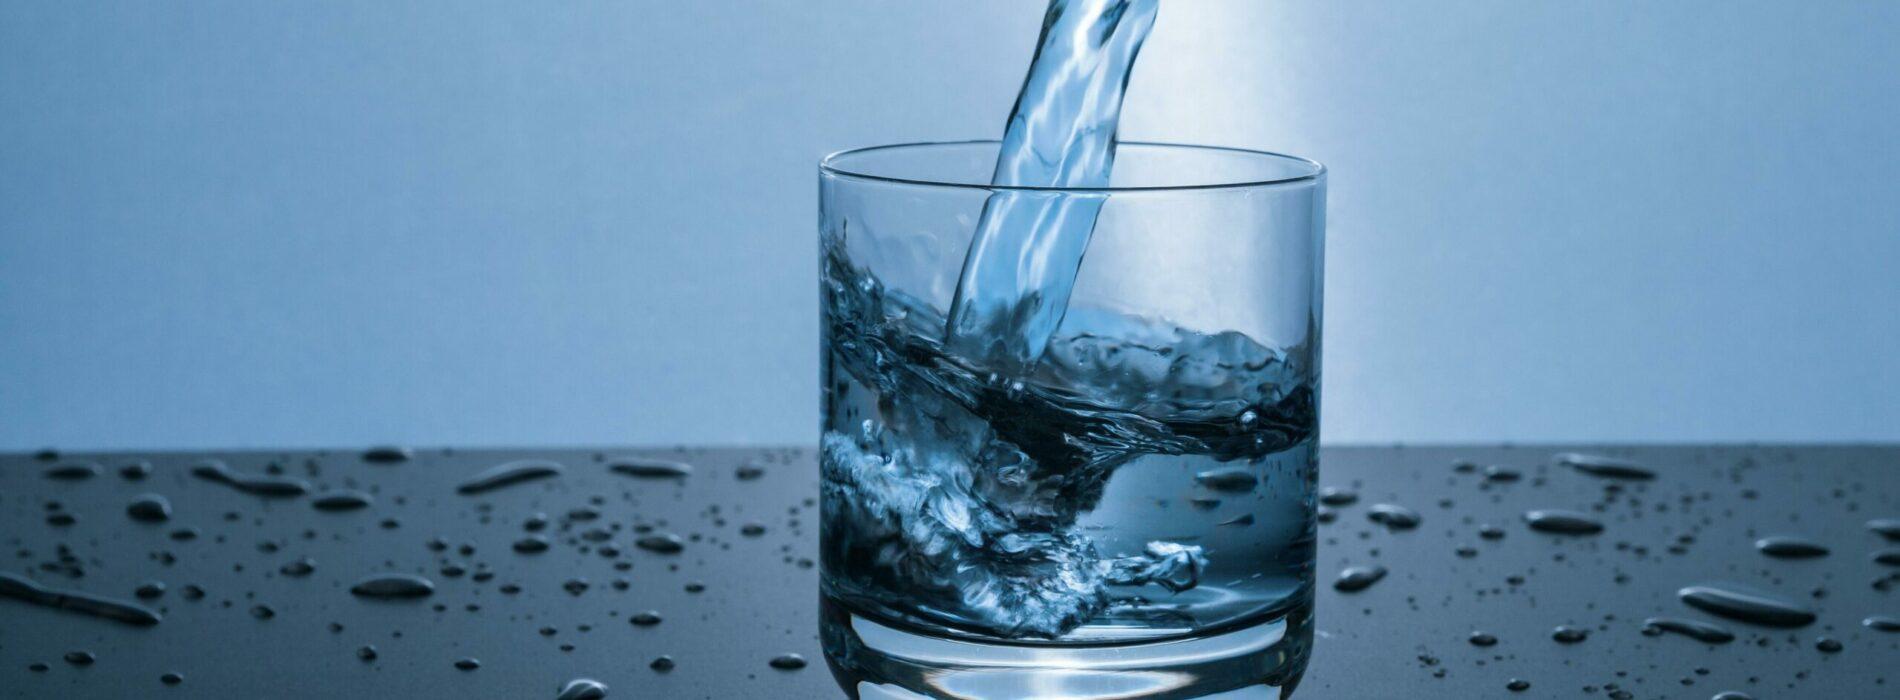 Jaka jest różnica między zmiękczaczem wody a filtrem do wody?